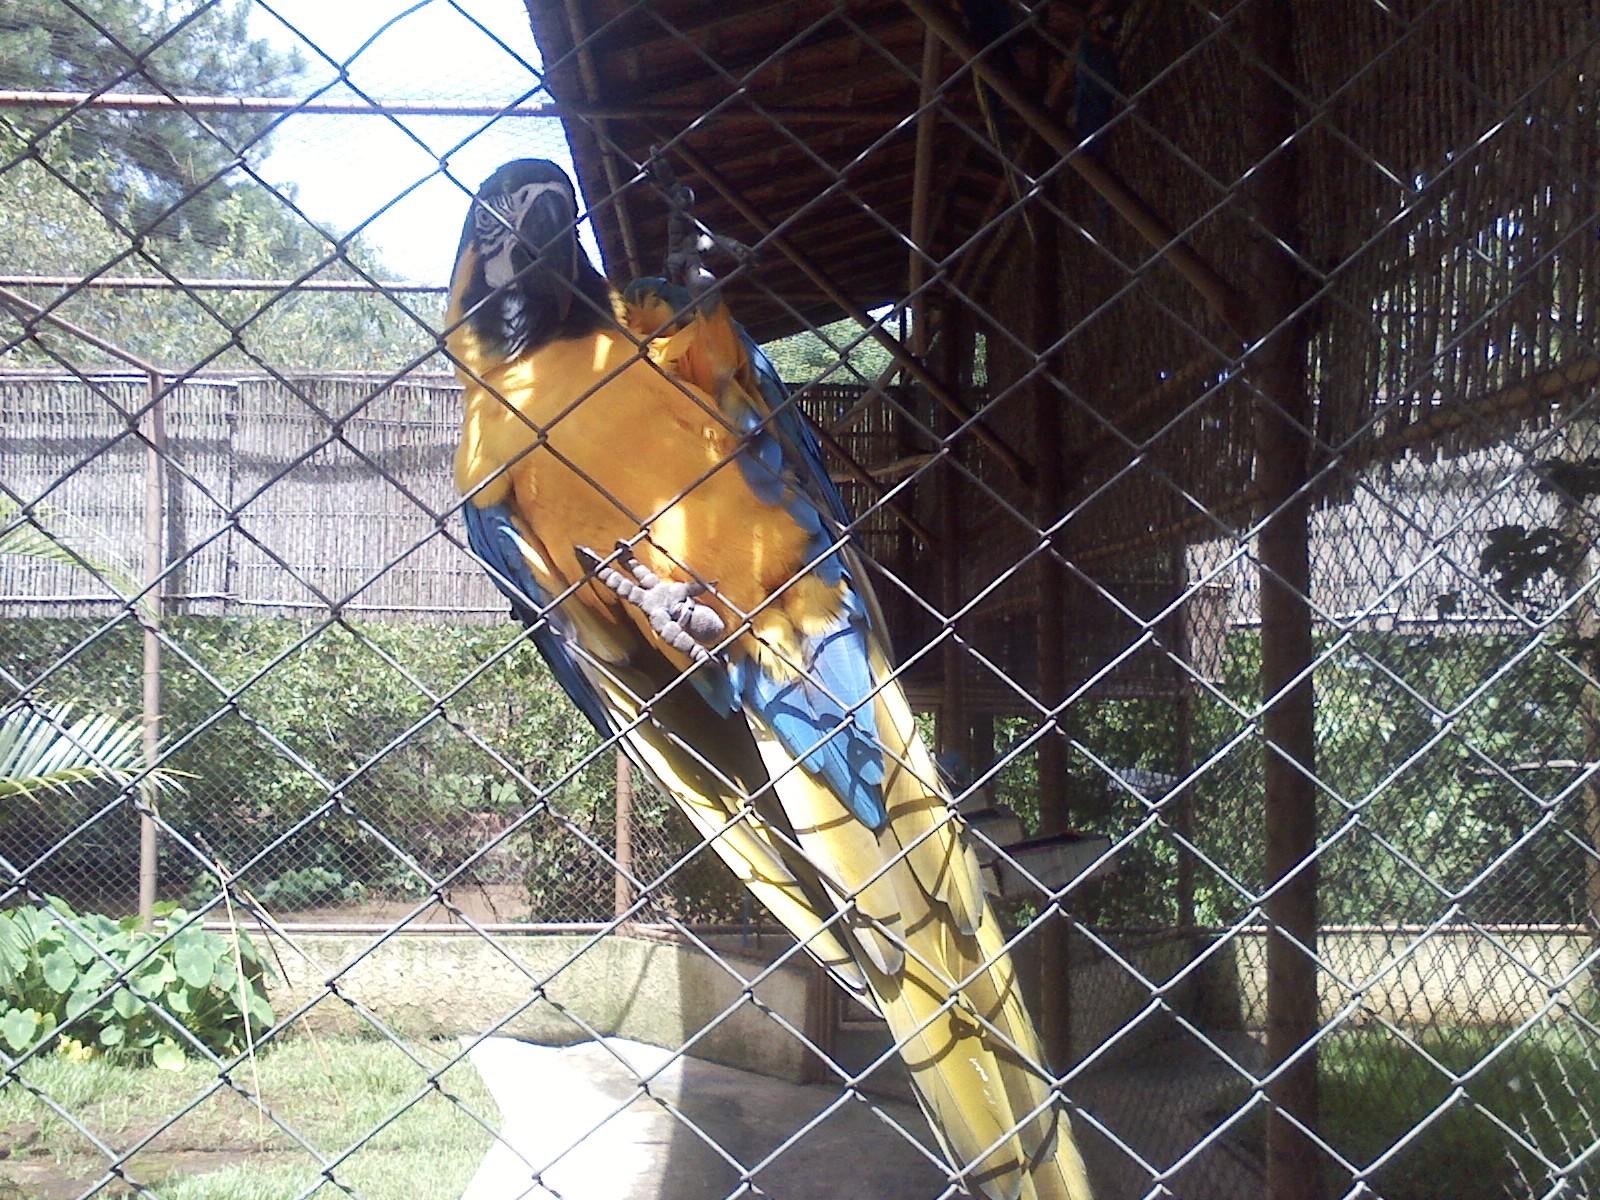 Mais de 100 espécies de aves estão catalogadas no parque. (Foto: Carlos Alberto Soares / TV Tem)